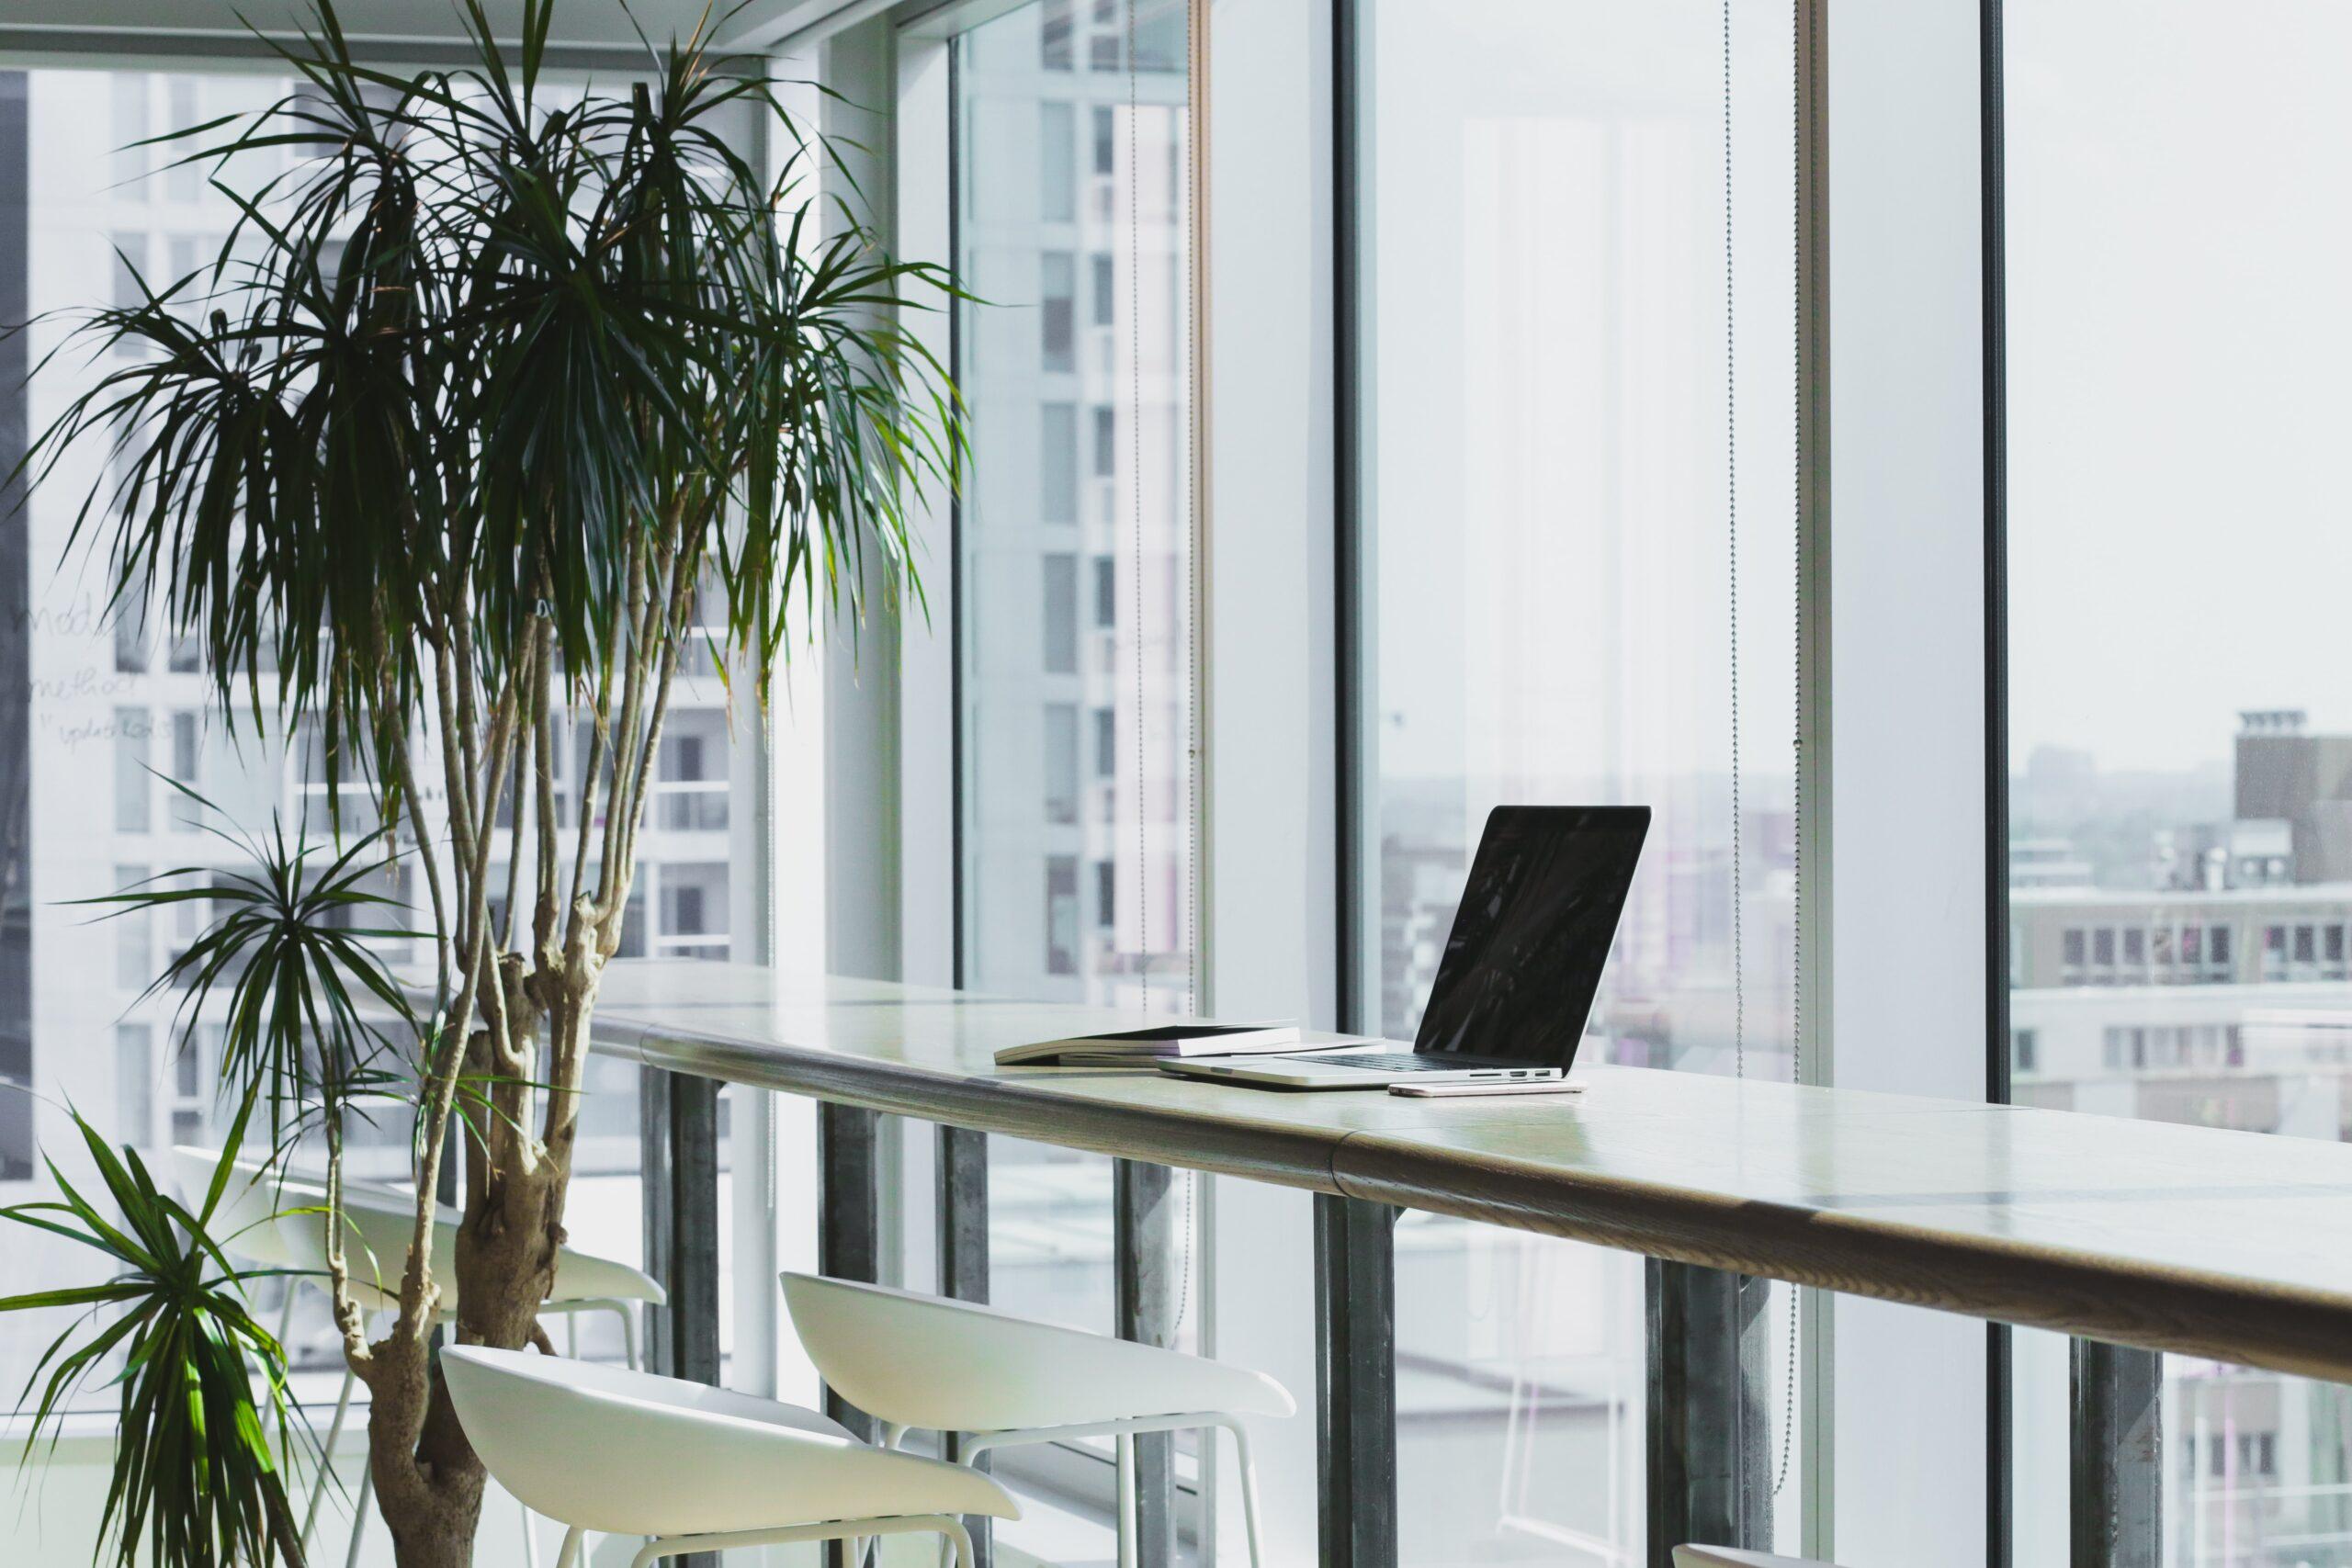 オフィスの働きやすさは企業理念の浸透具合による